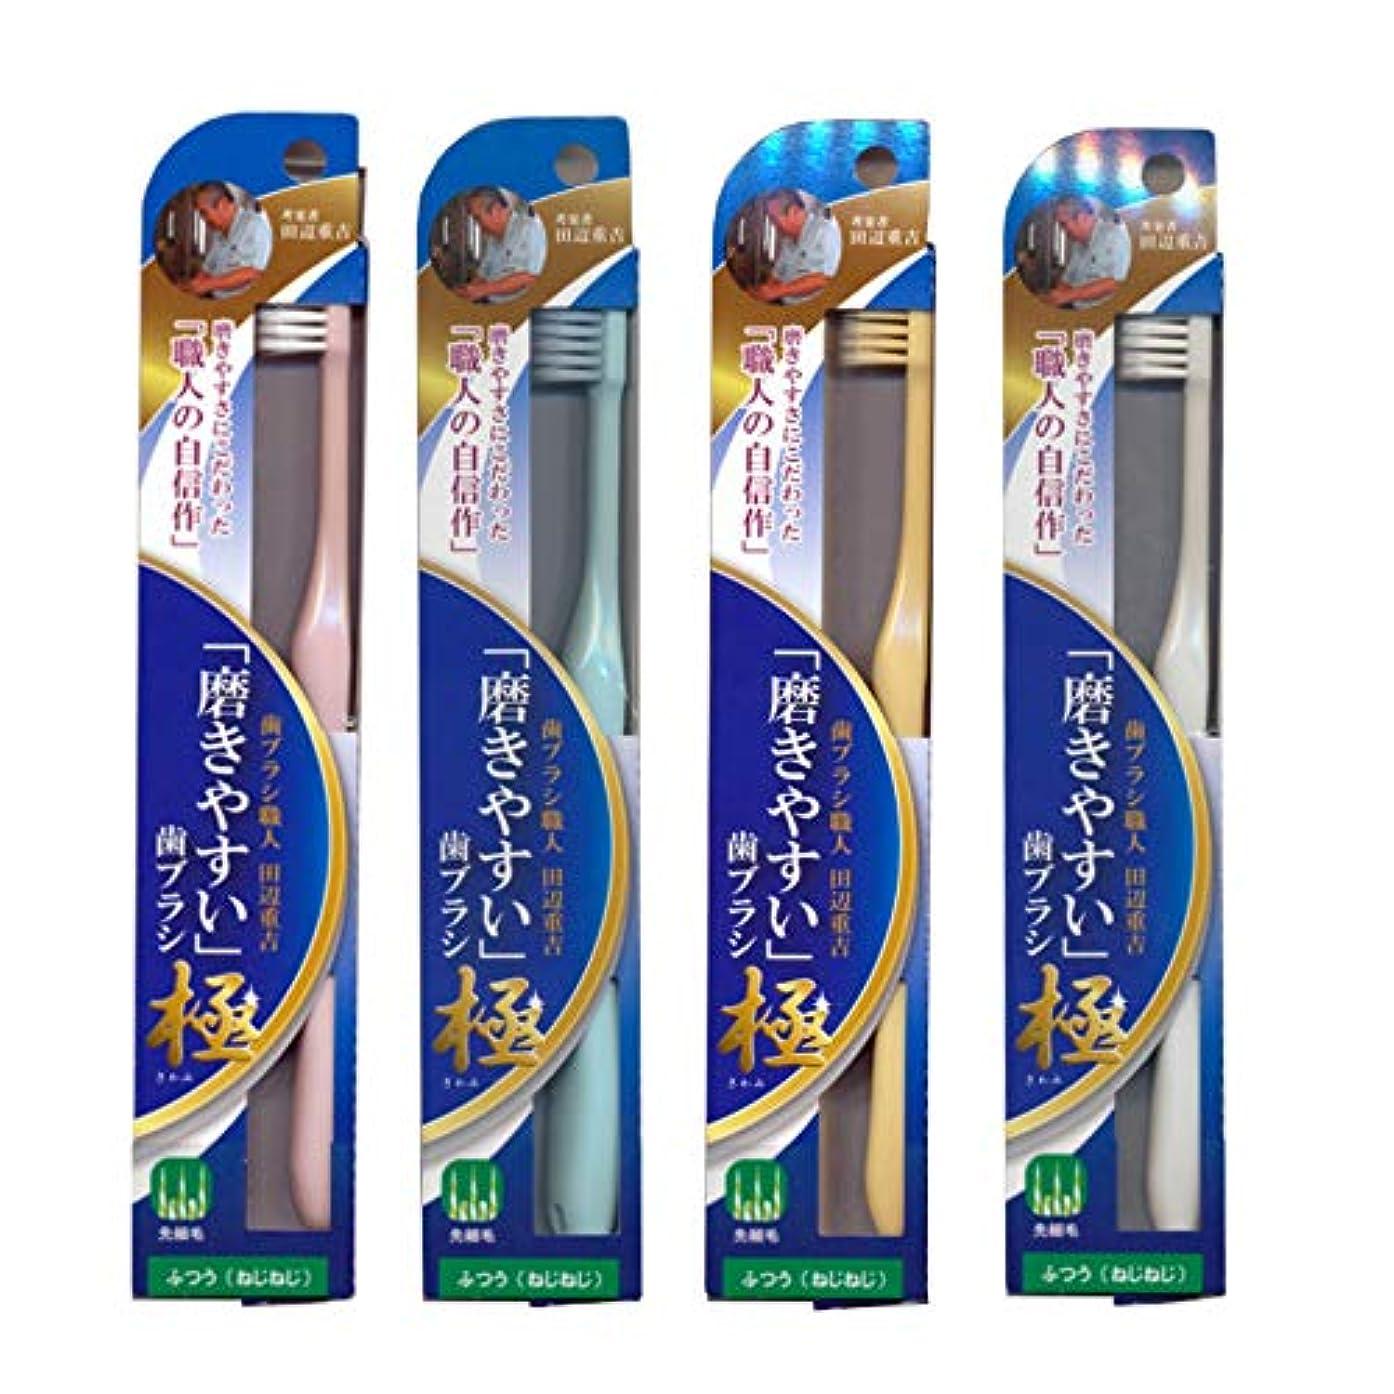 多様性恥ずかしさ所有者磨きやすい歯ブラシ極 (ふつう ねじねじ) LT-45×4本セット(ピンク×1、ブルー×1、ホワイト×1、イエロー×1) 先細毛